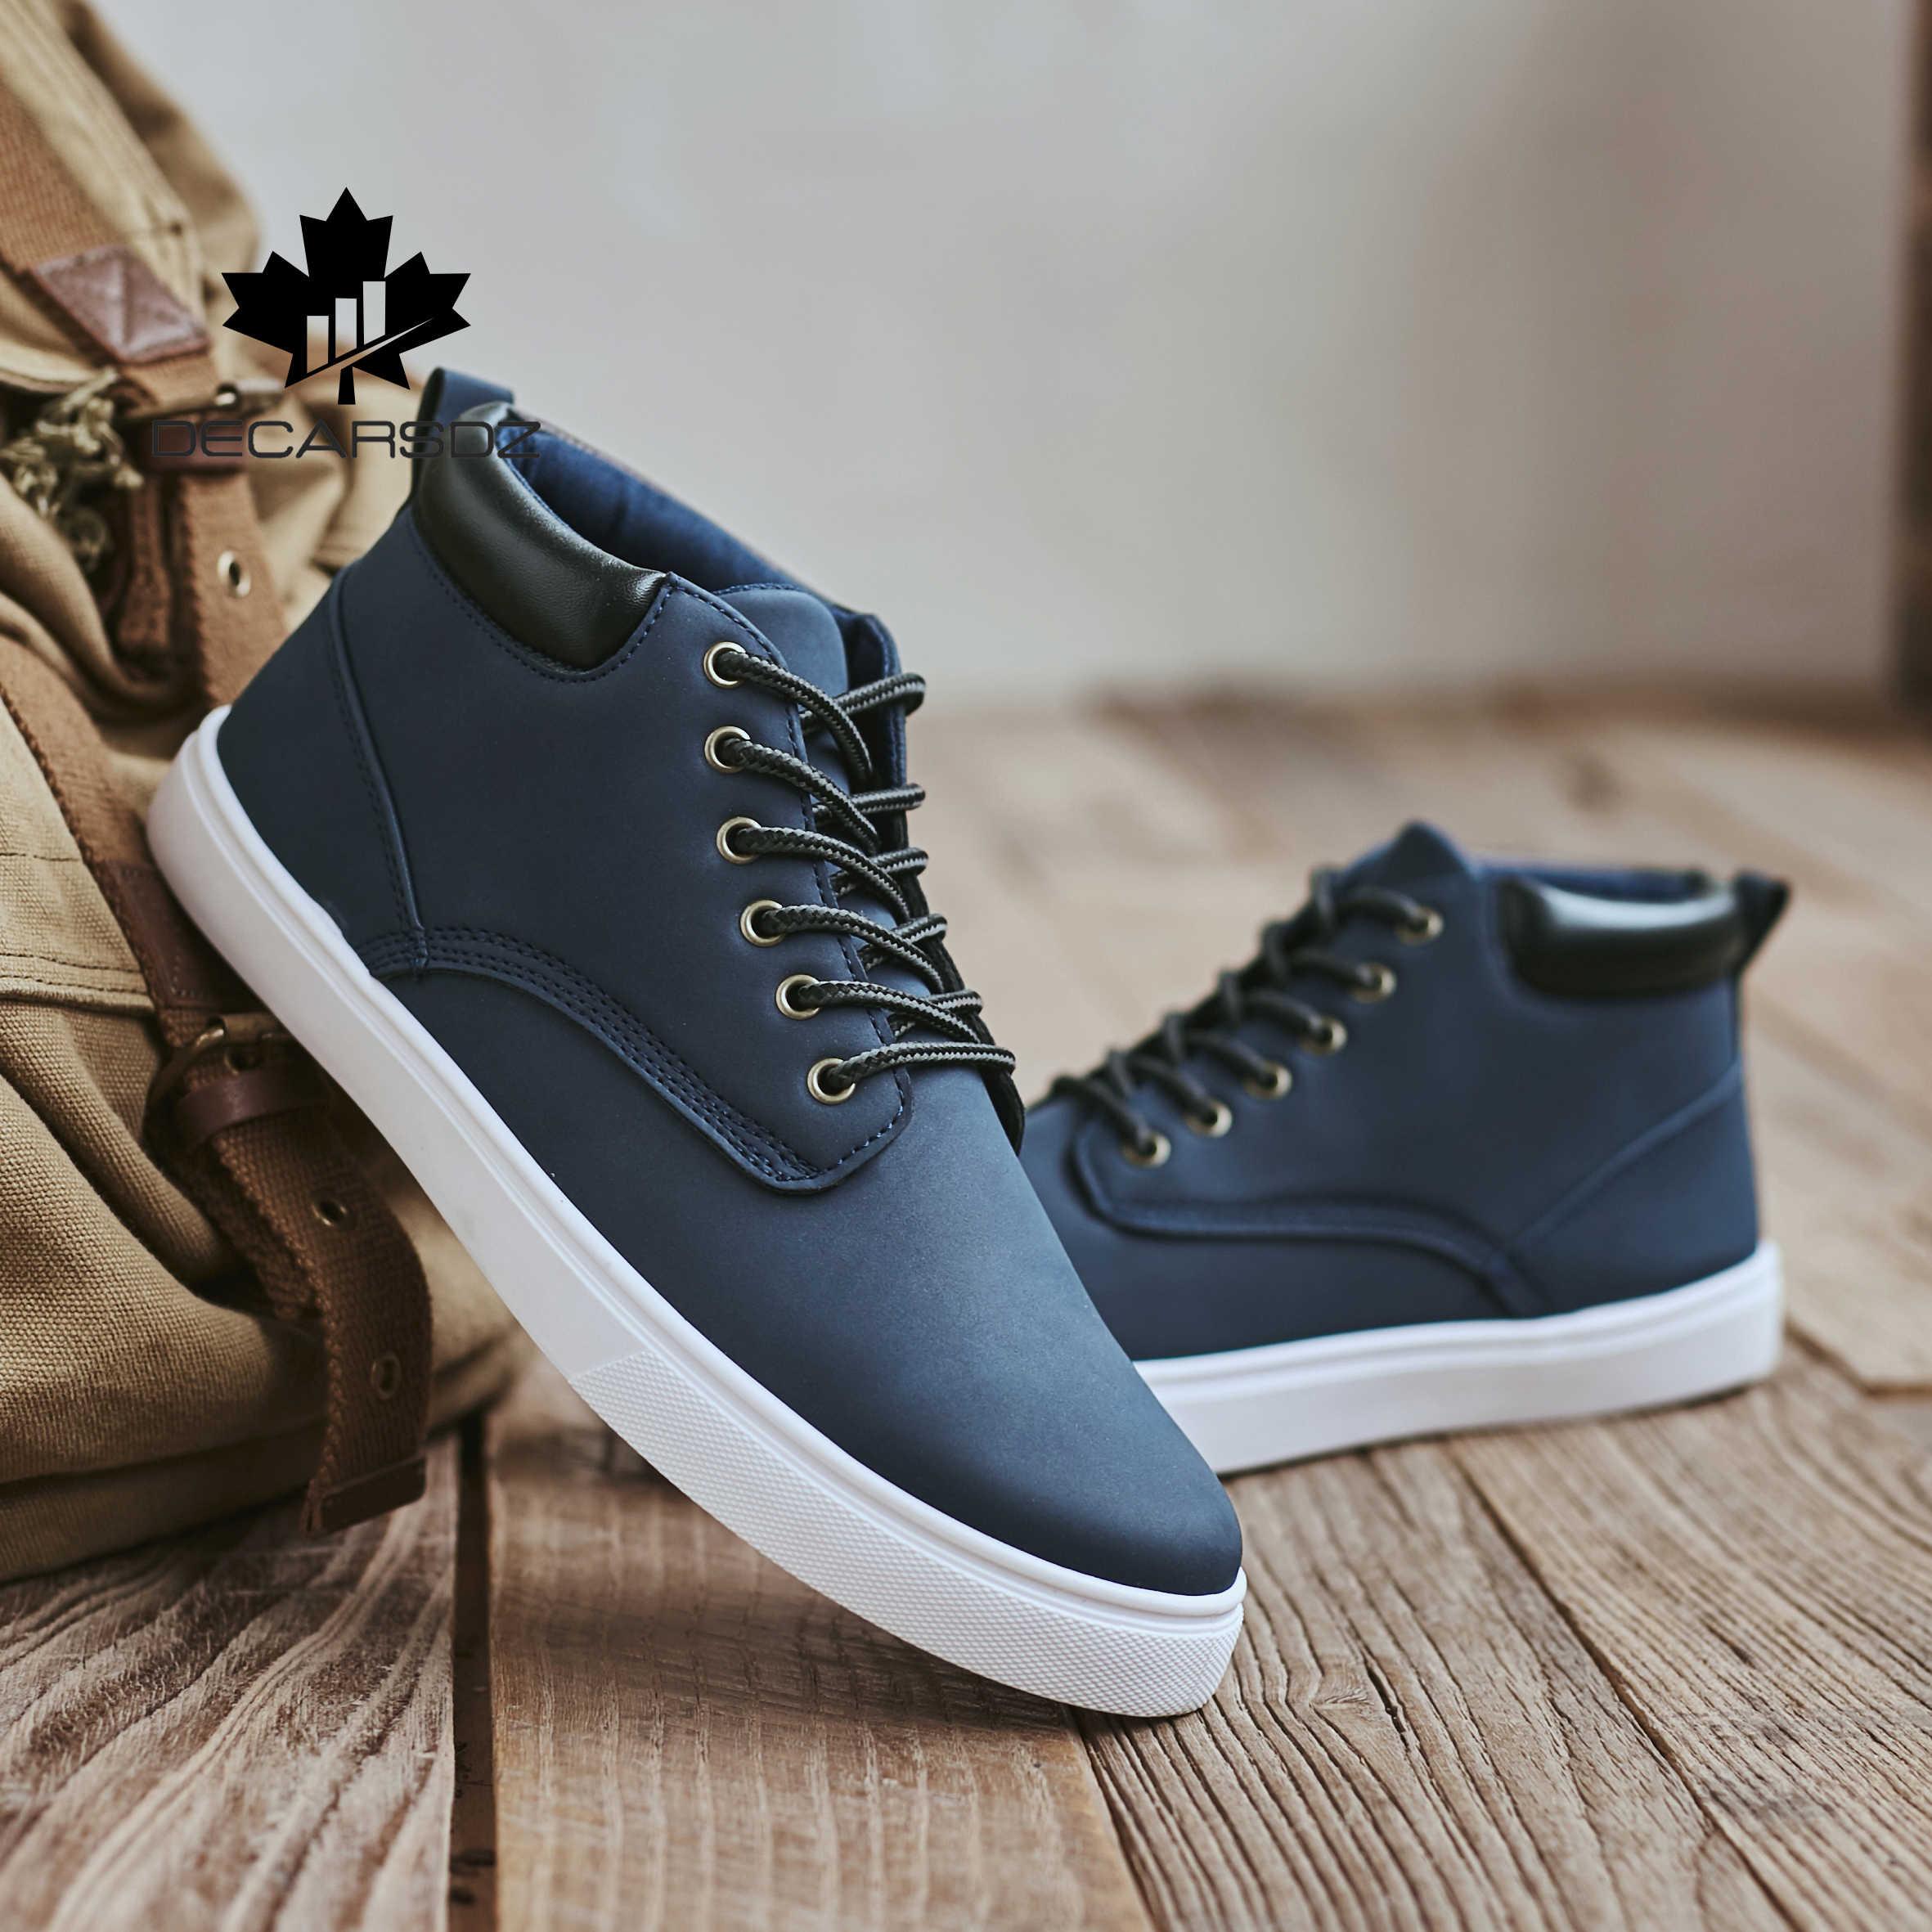 DECARSDZ 2020 yeni tasarımcılar popüler tarzı rahat ayakkabılar erkek açık rahat yürüyüş erkek ayakkabıları adam dantel-up marka gündelik erkek ayakkabısı